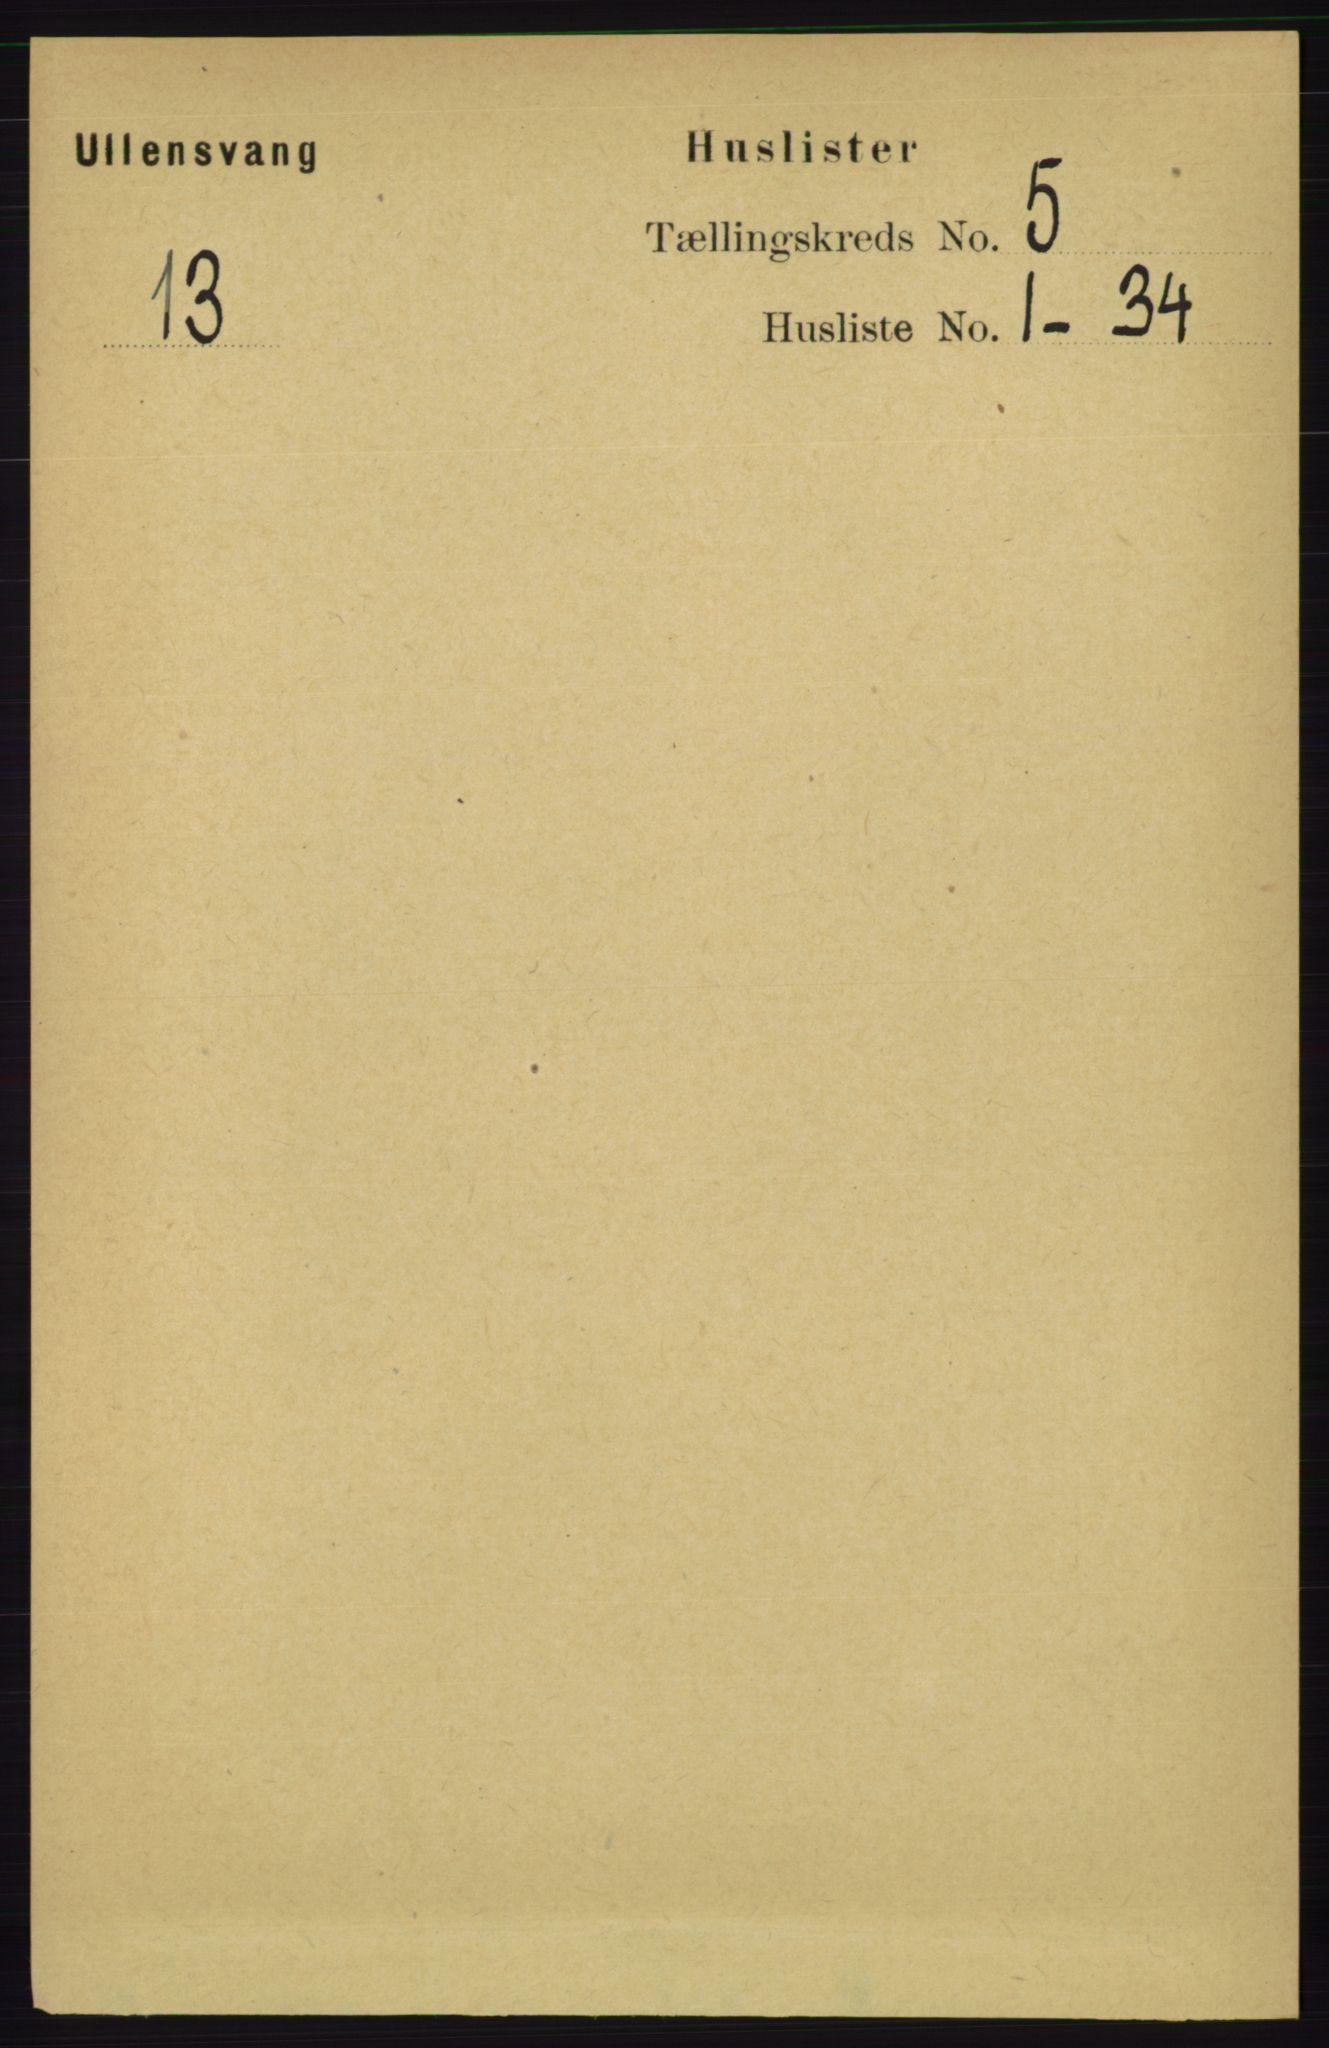 RA, Folketelling 1891 for 1230 Ullensvang herred, 1891, s. 1578